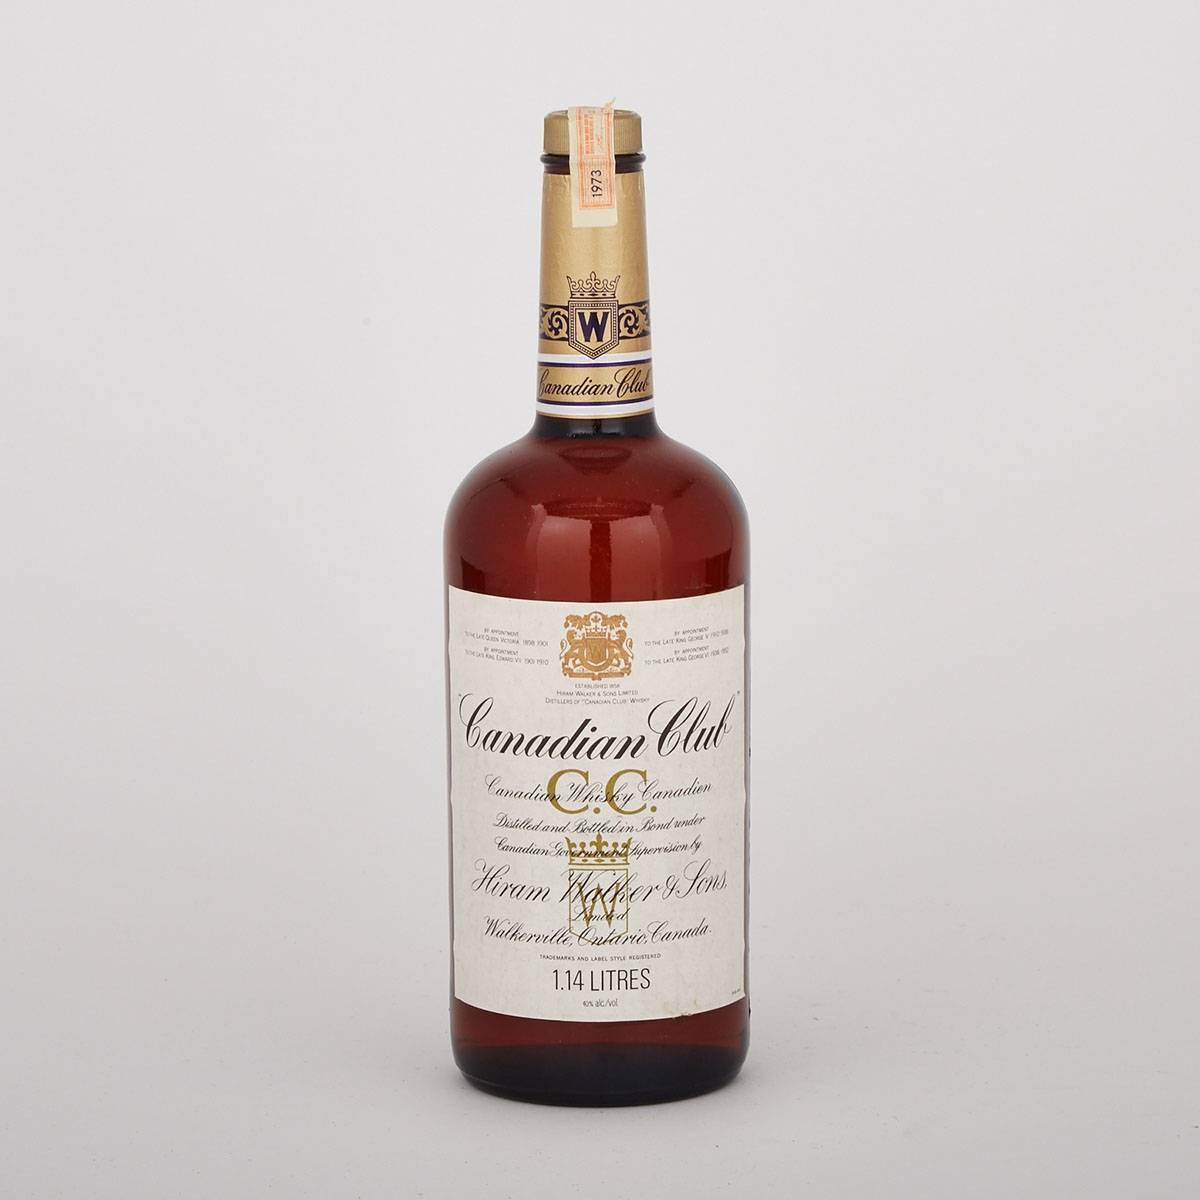 Canadian club – премиальный виски из канады